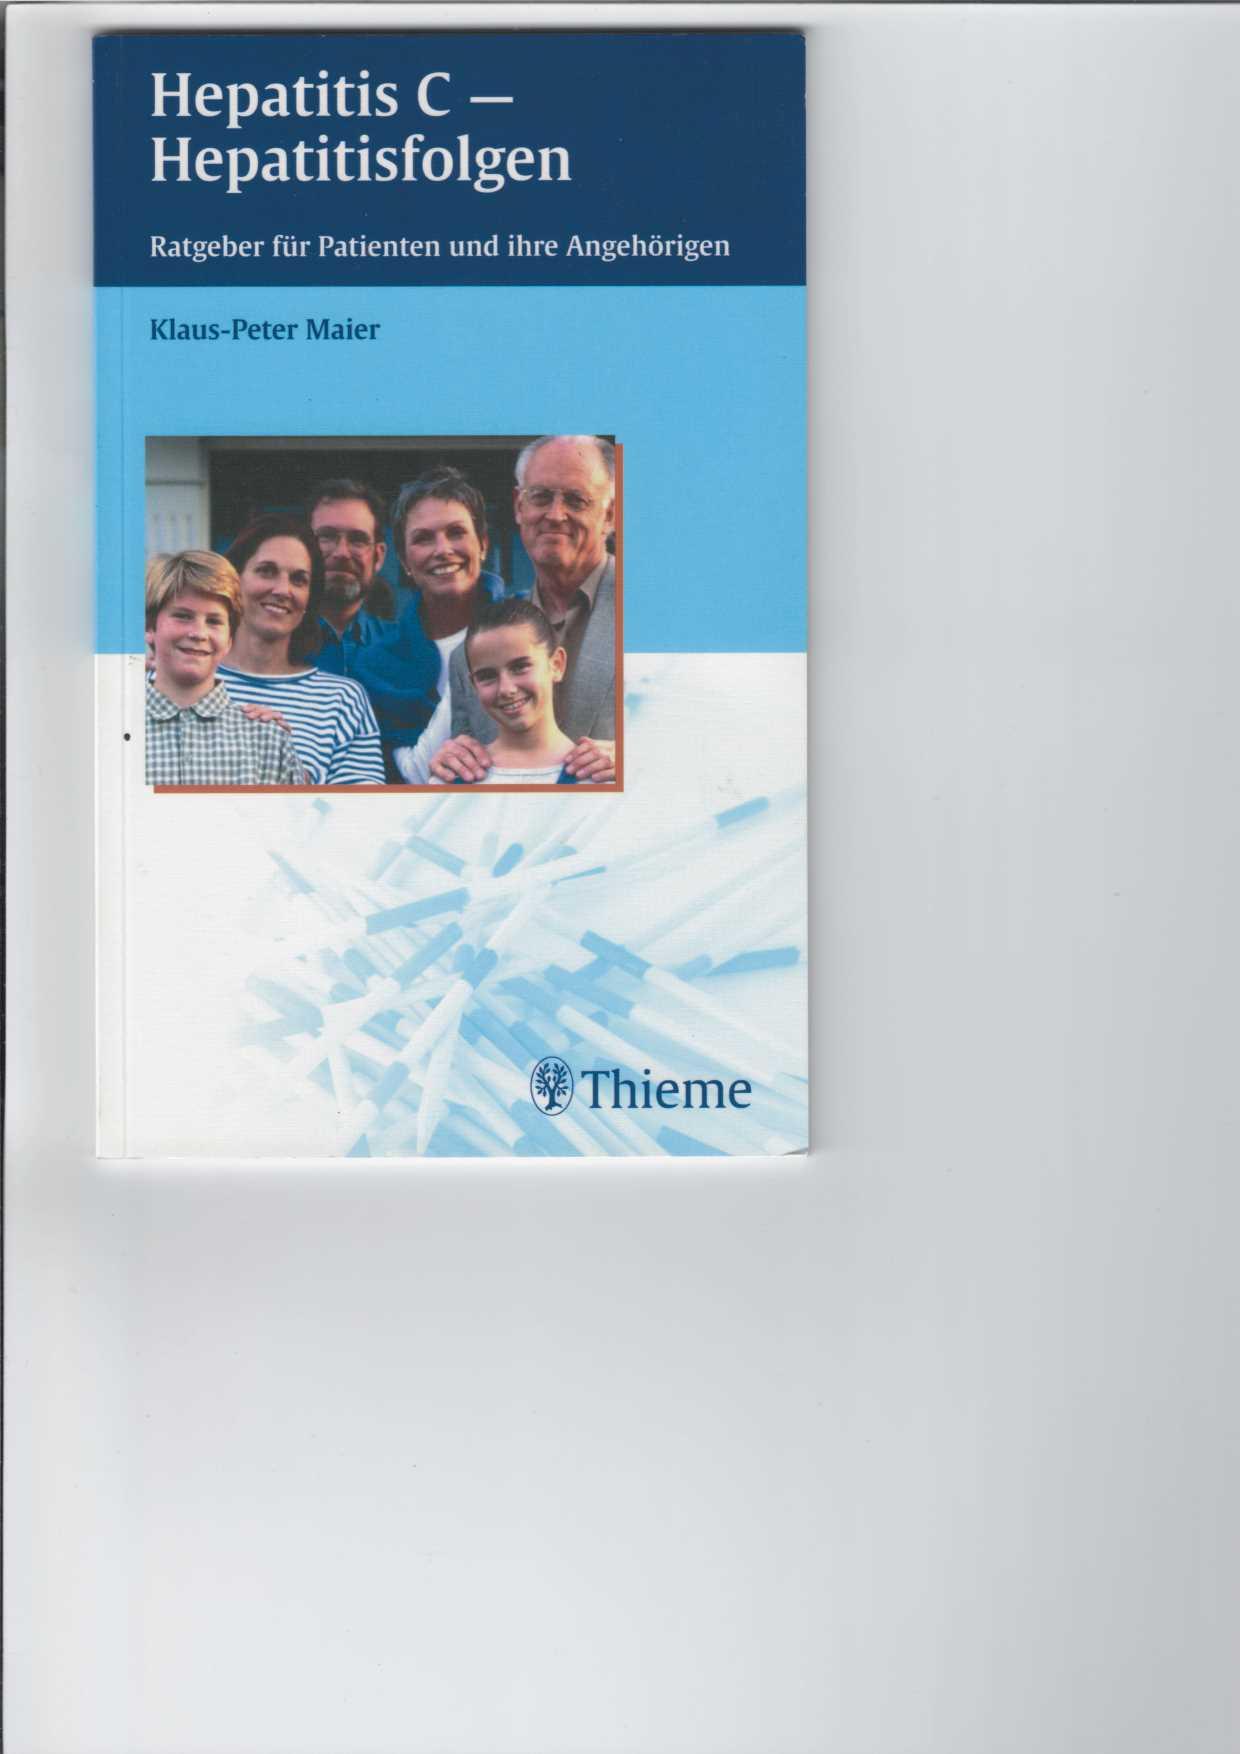 Hepatitis C - Hepatitisfolgen. Ratgeber für Betroffene und ihre Angehörigen.